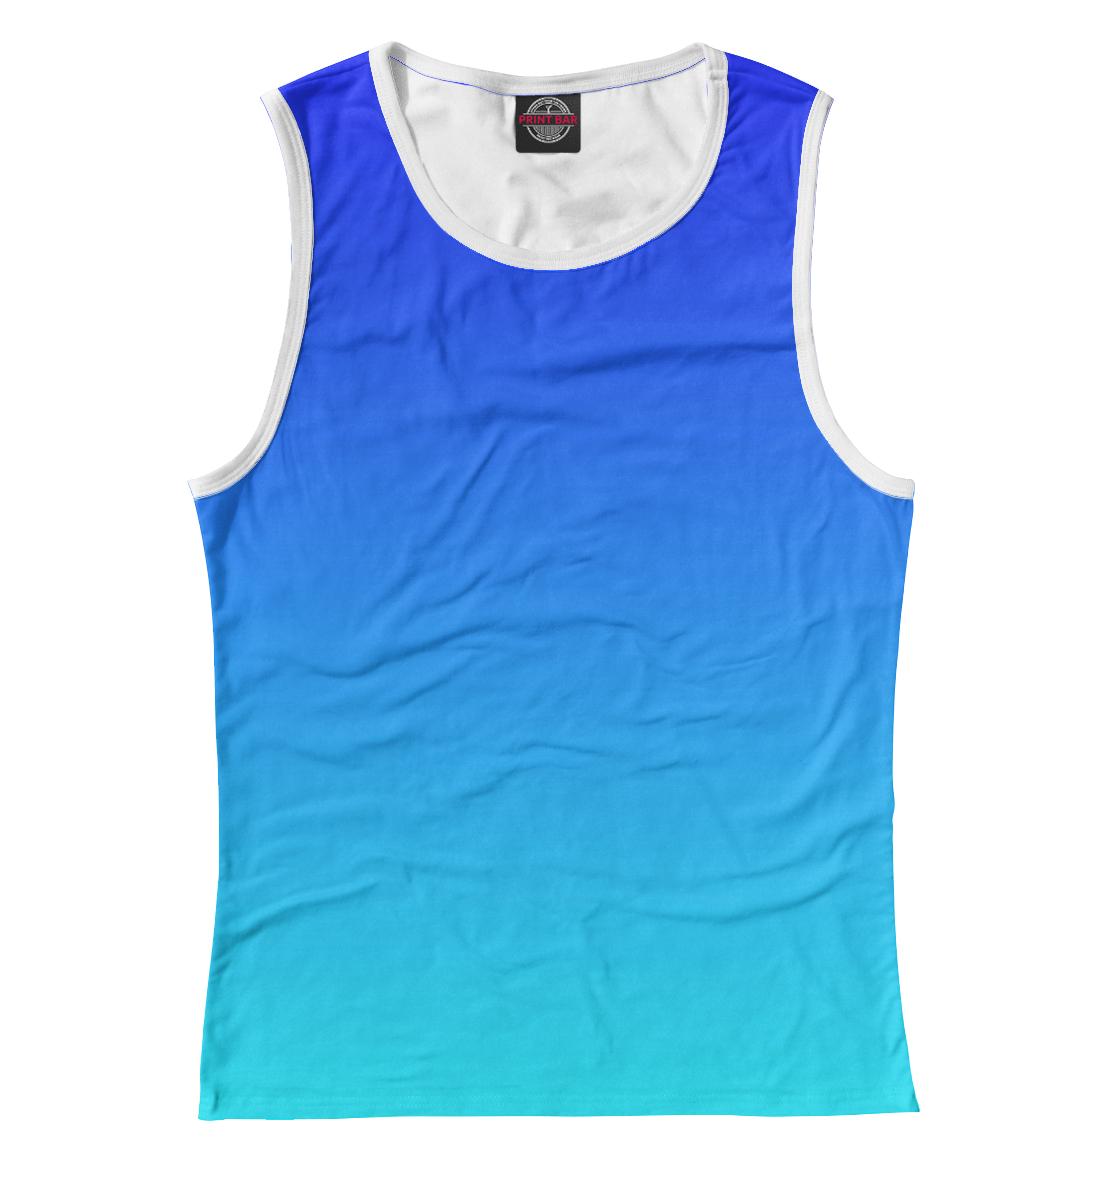 Купить Градиент: Синий в Голубой, Printbar, Майки, CLR-742572-may-1